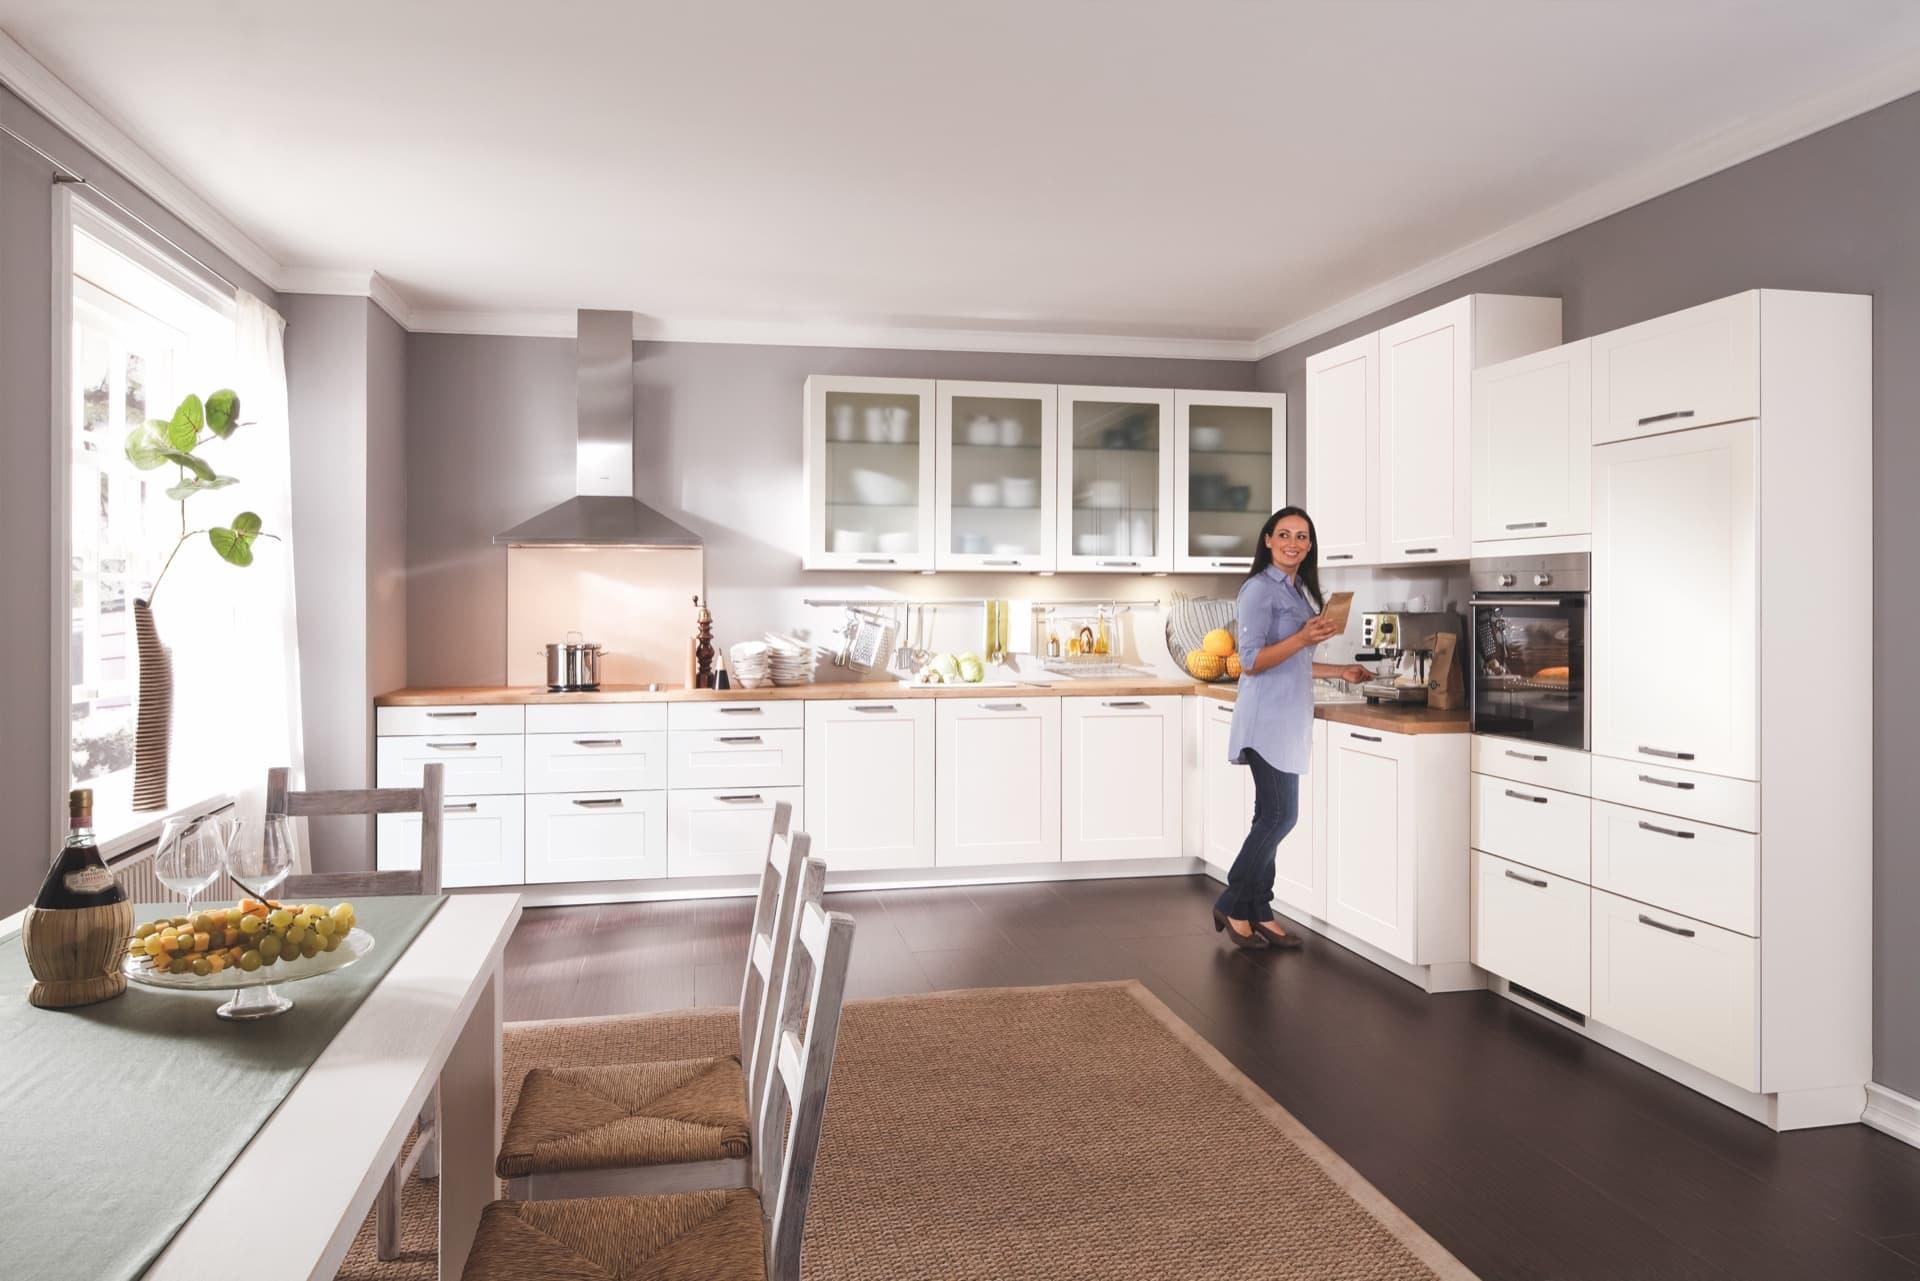 Küchen - Küchenstudio Wangen im Allgäu